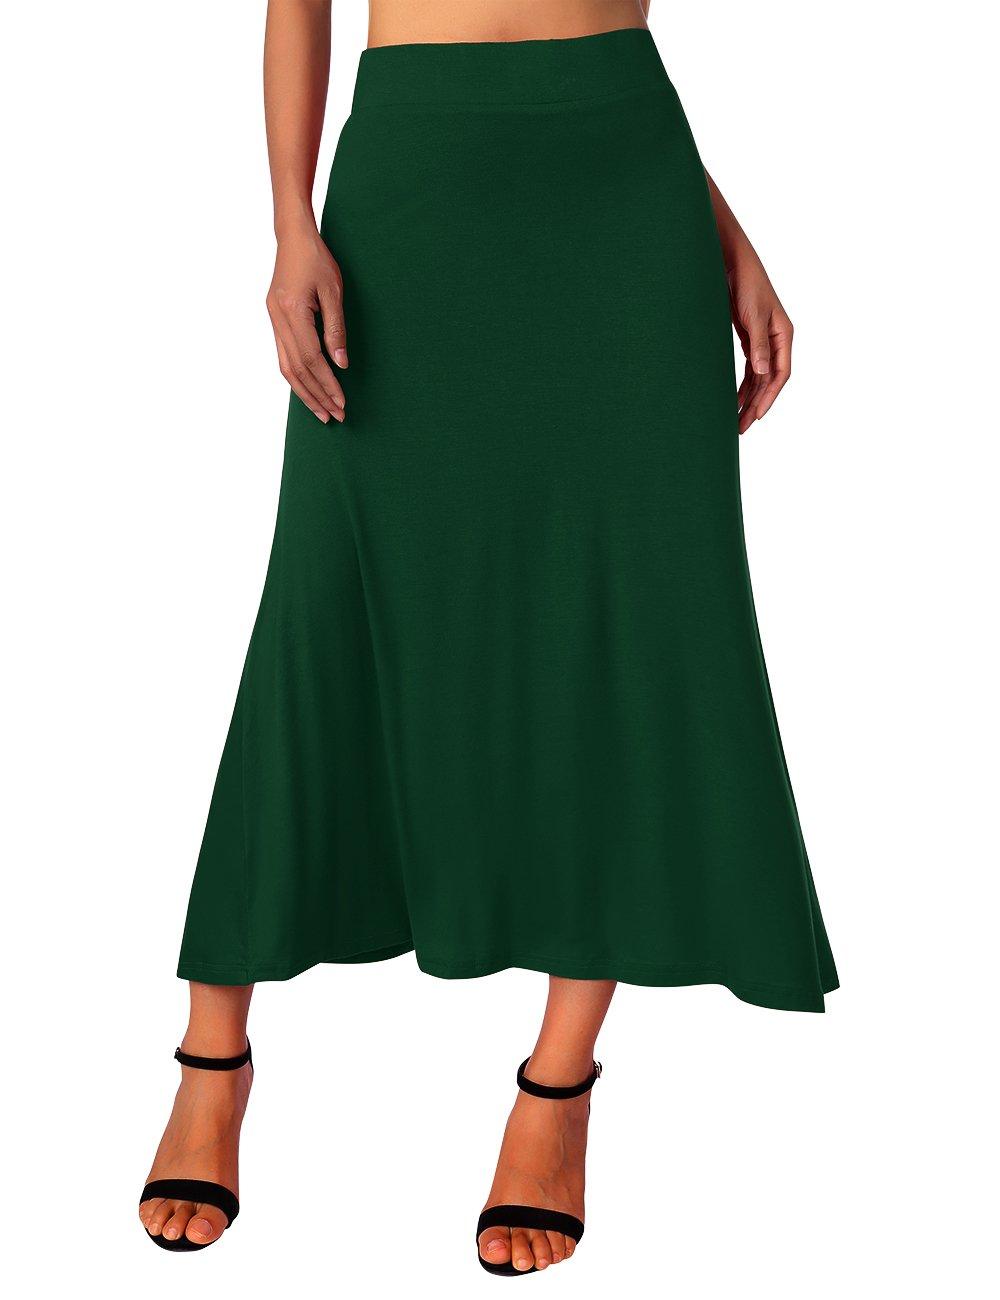 Women's High Waist Jersey Skirt,Summer Casual Stretchy A-Line Draped Long Full Maxi Skirt Dresses Green XL